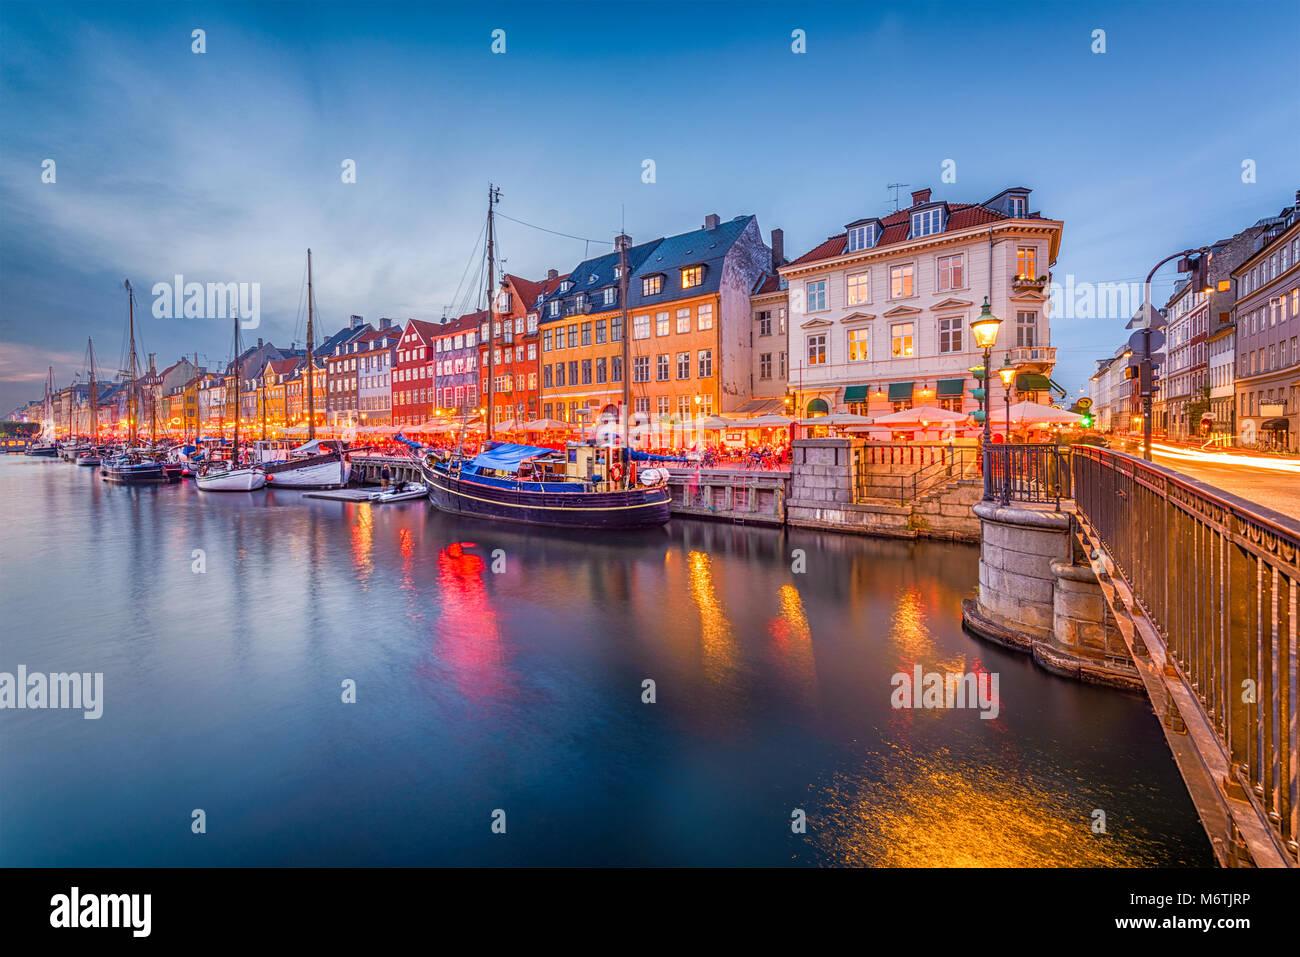 Copenhague, Danemark skyline sur le canal de Nyhavn, au crépuscule. Photo Stock